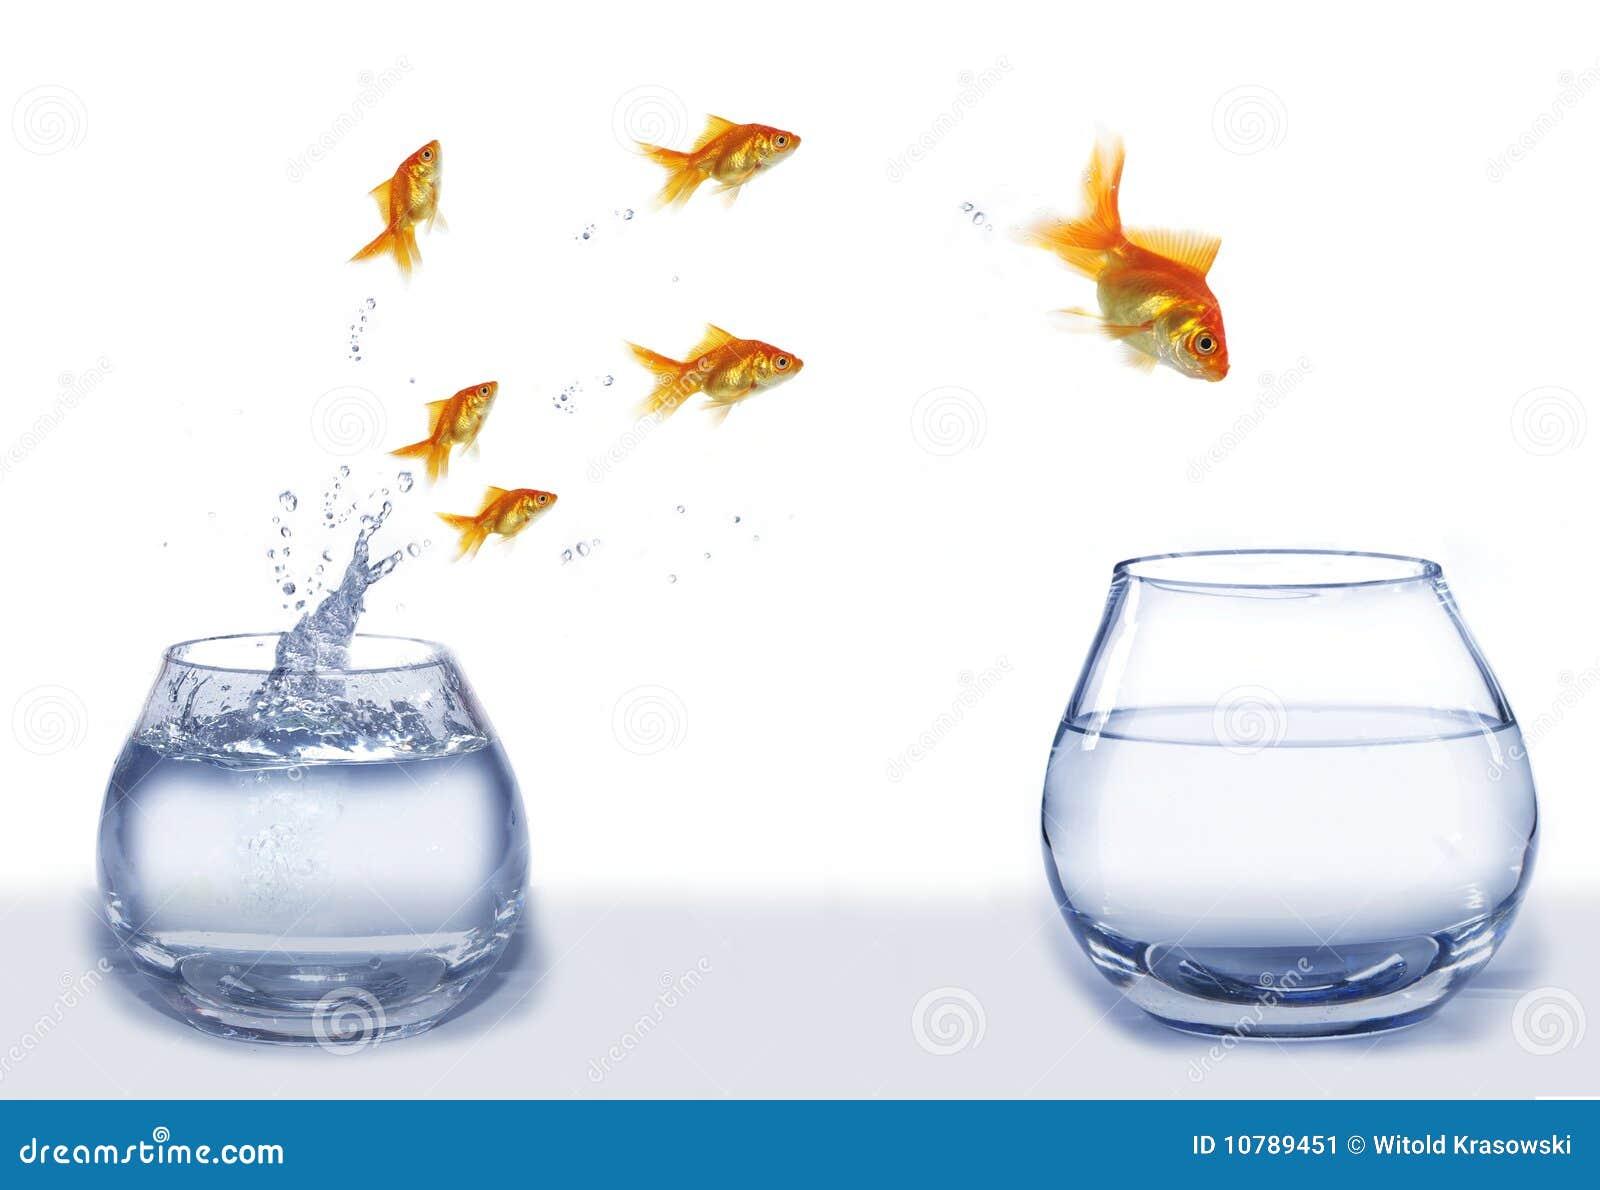 Jump Gold Fish From Aquarium To Aquarium Stock Image Image Of